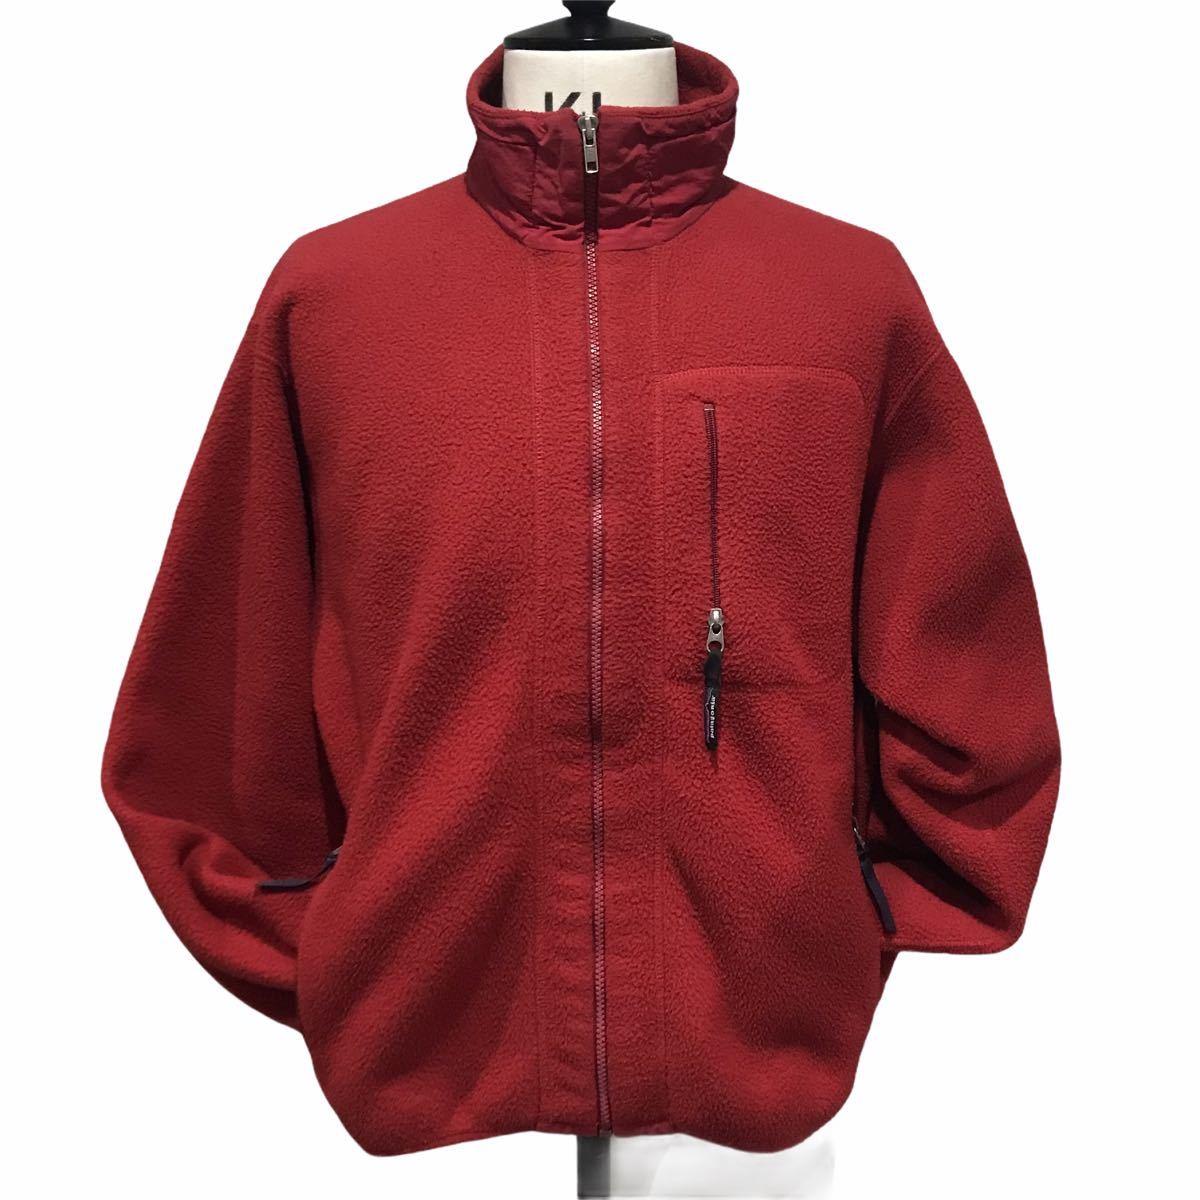 patagonia synchilla jacket パタゴニア フリース シンチラ ジャケットUSA製 アメリカ製 M レッド レトロ